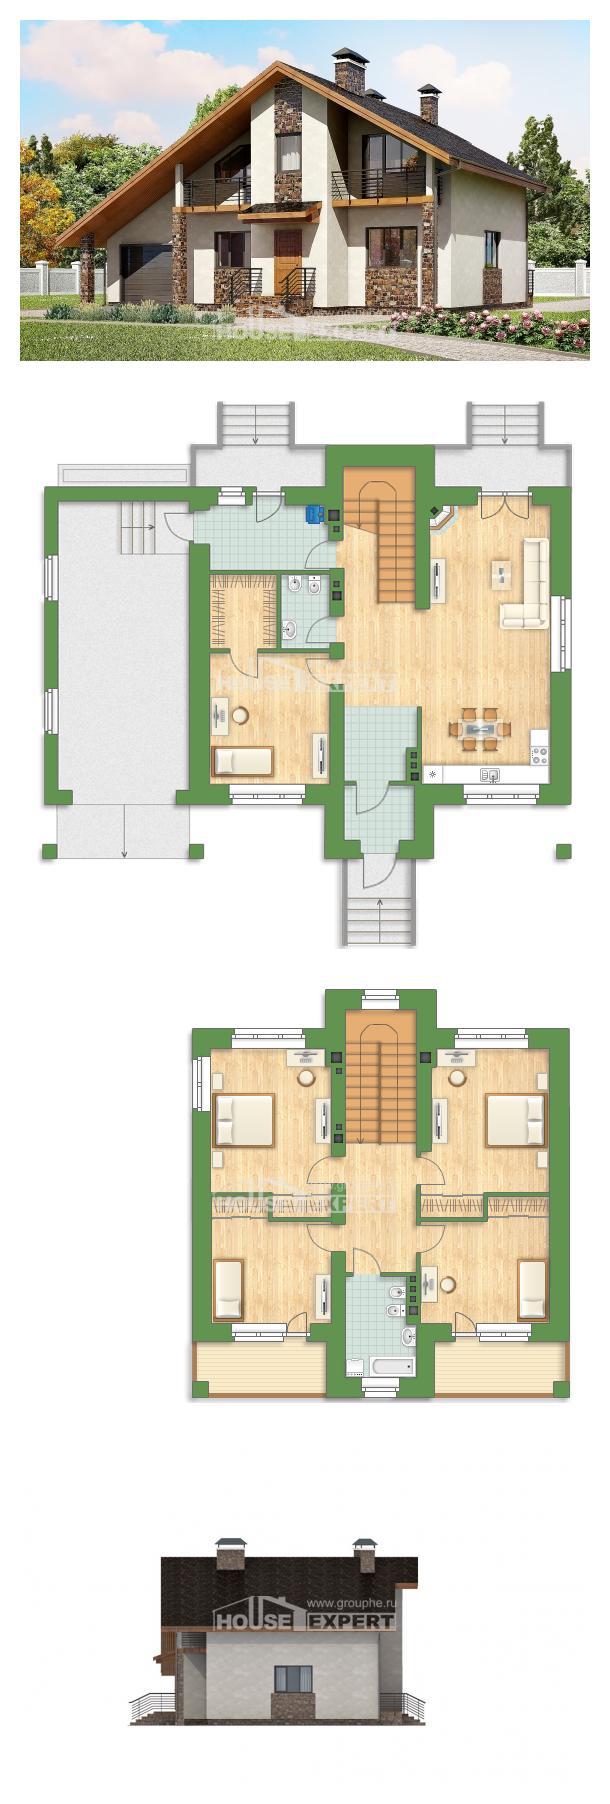 房子的设计 180-008-L   House Expert